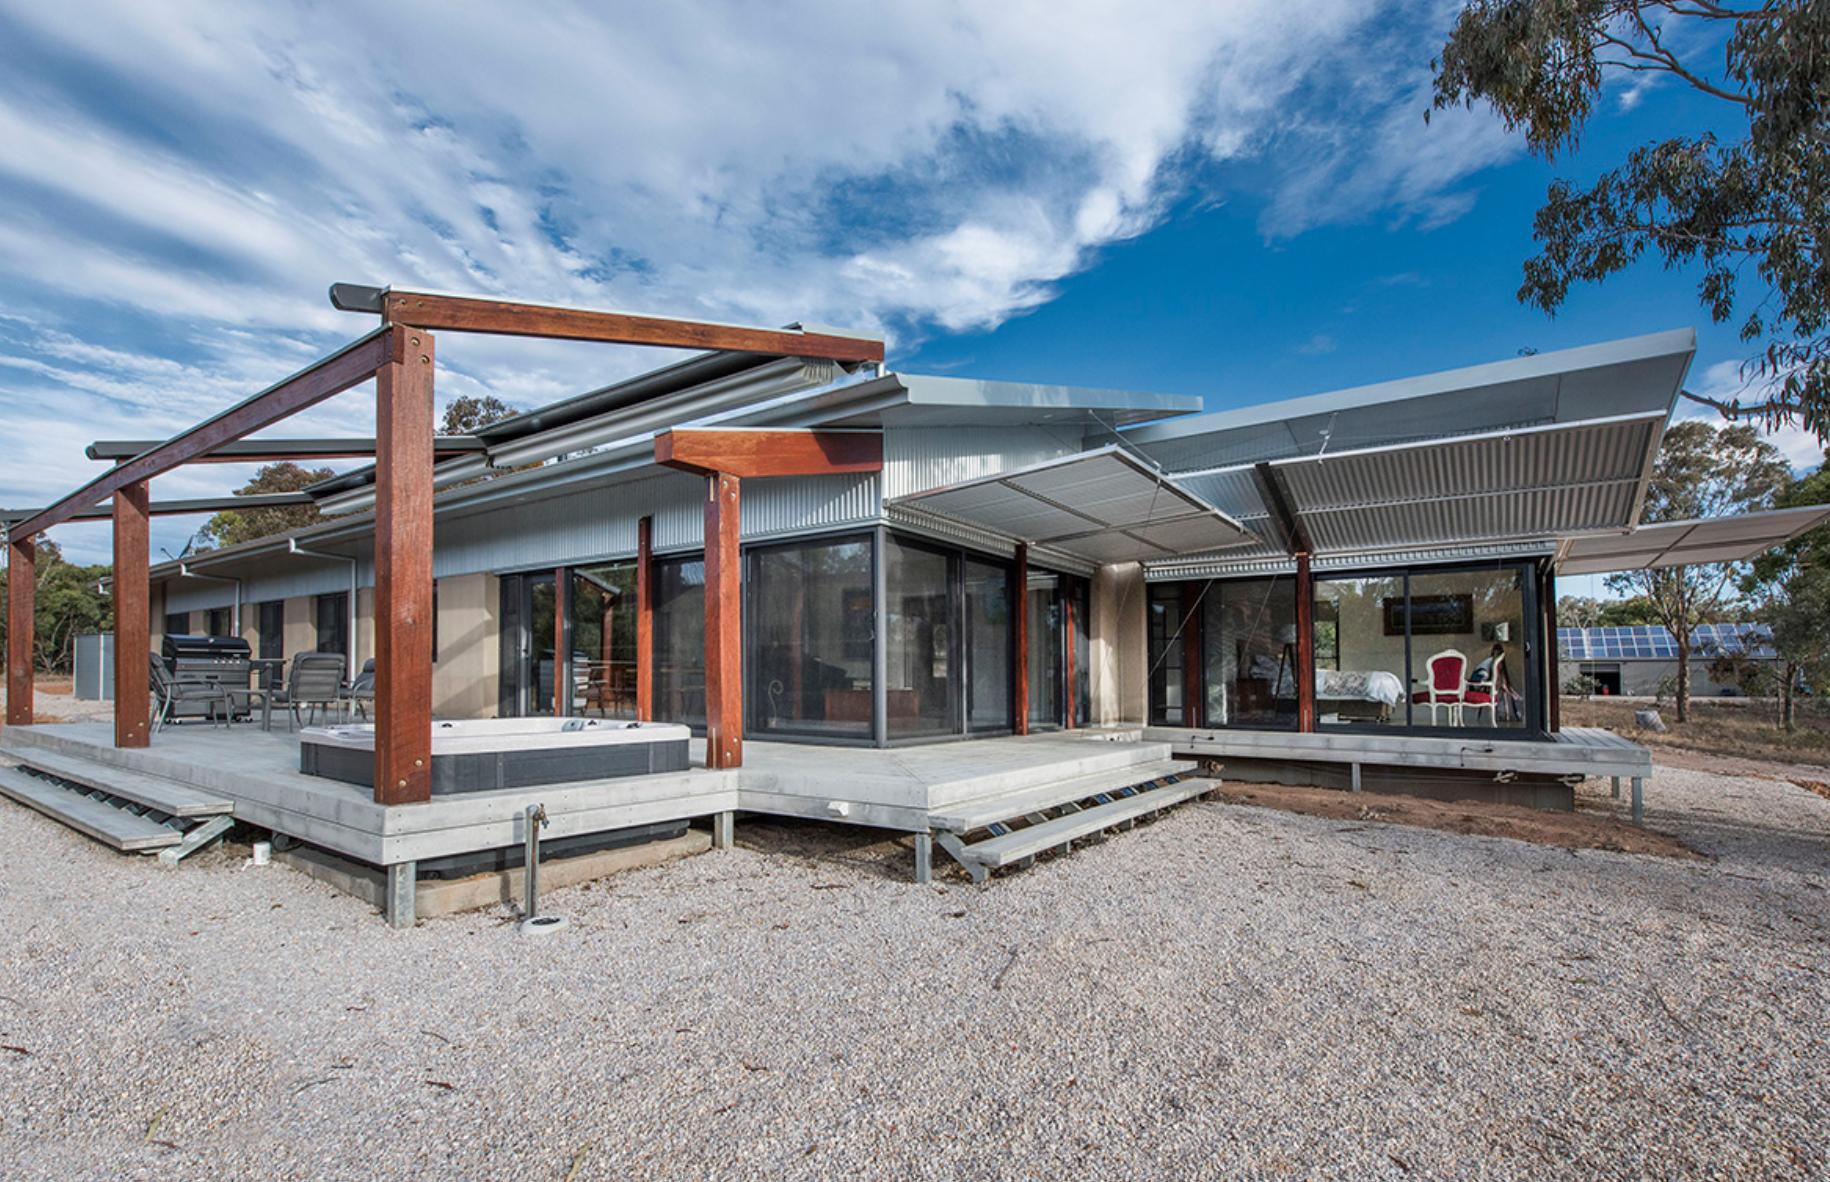 Exterior of the Mudgee Hempcrete House in Australia